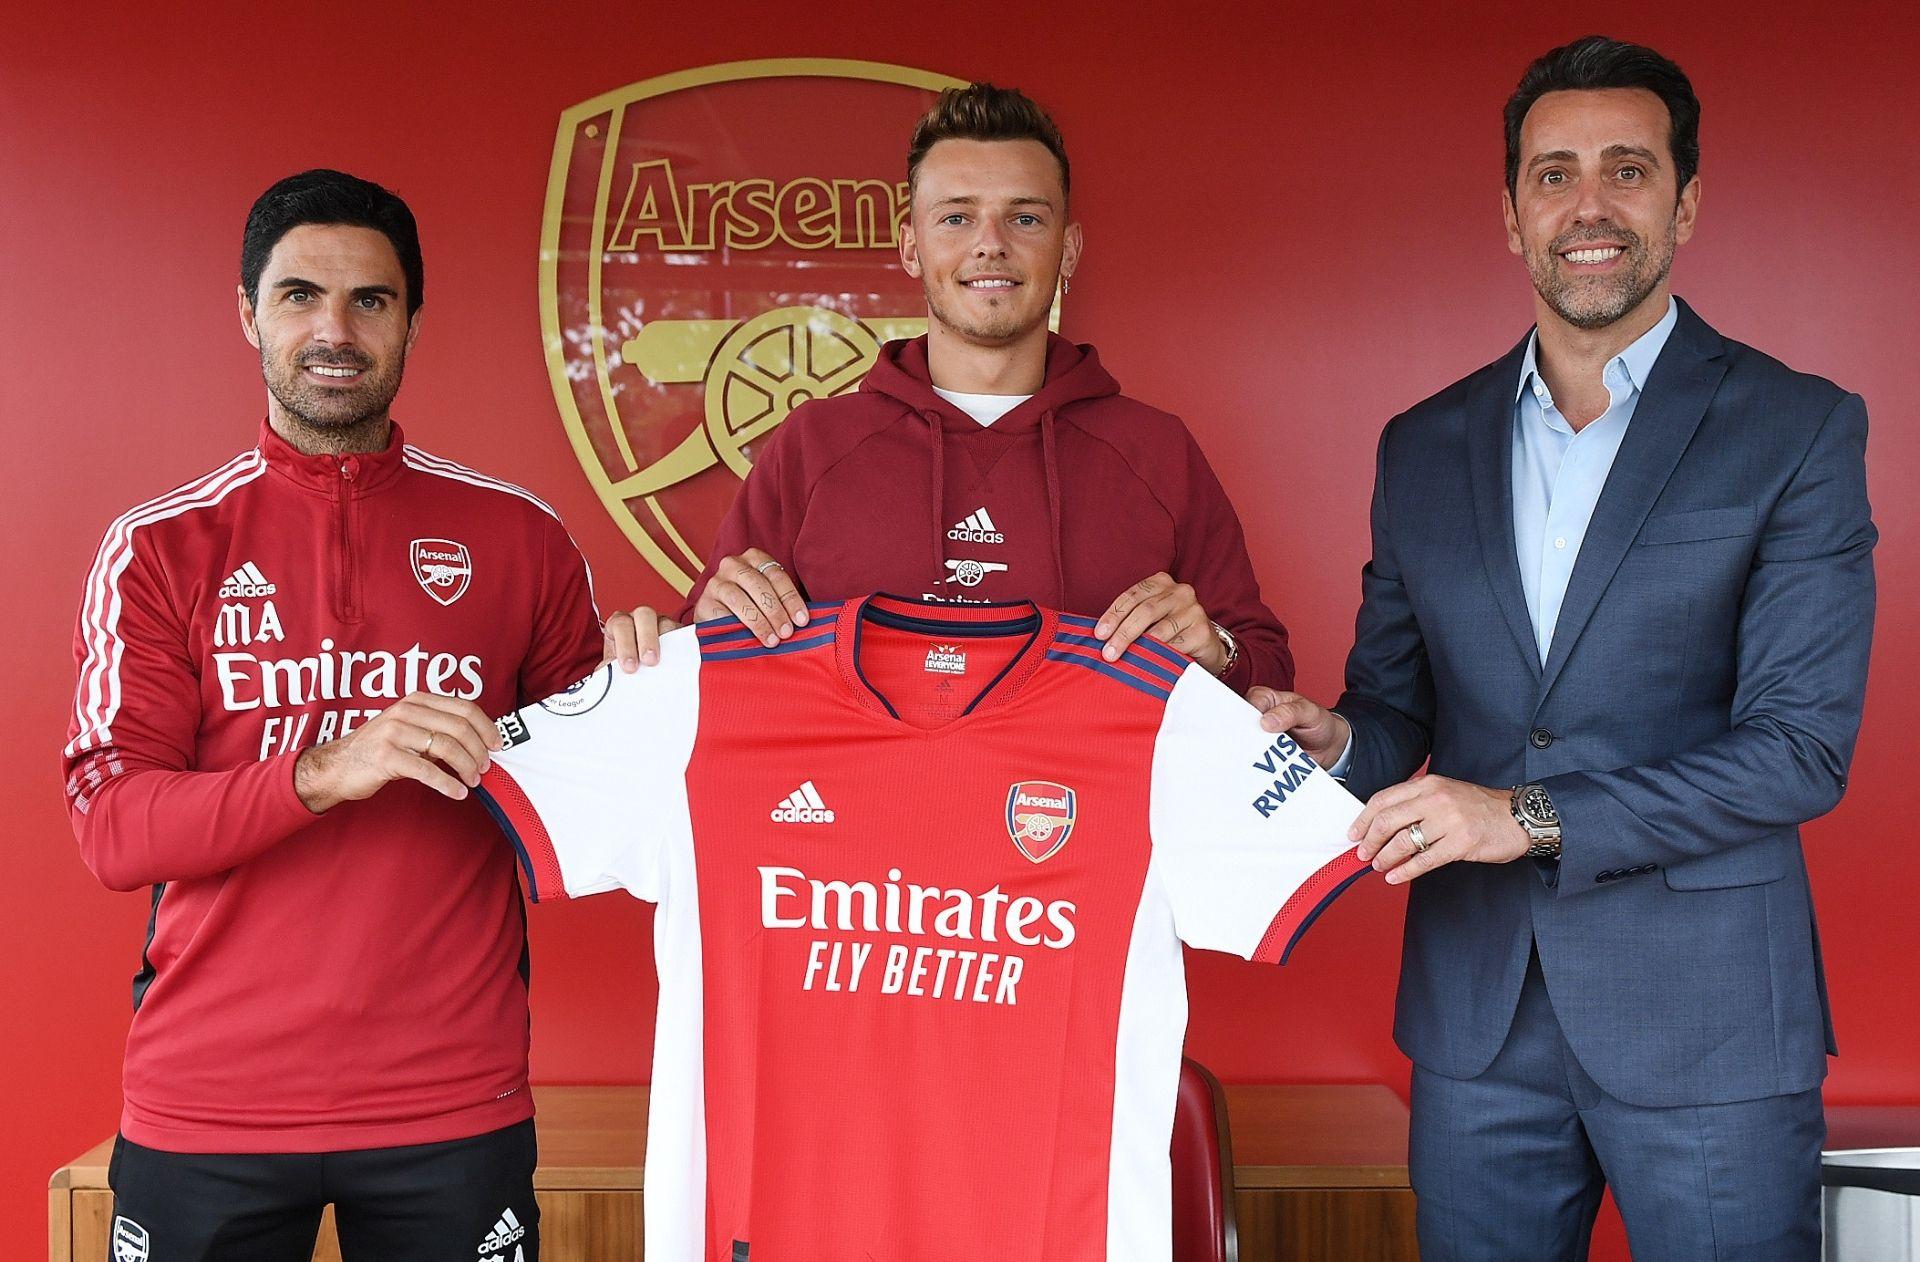 Ben White - Arsenal